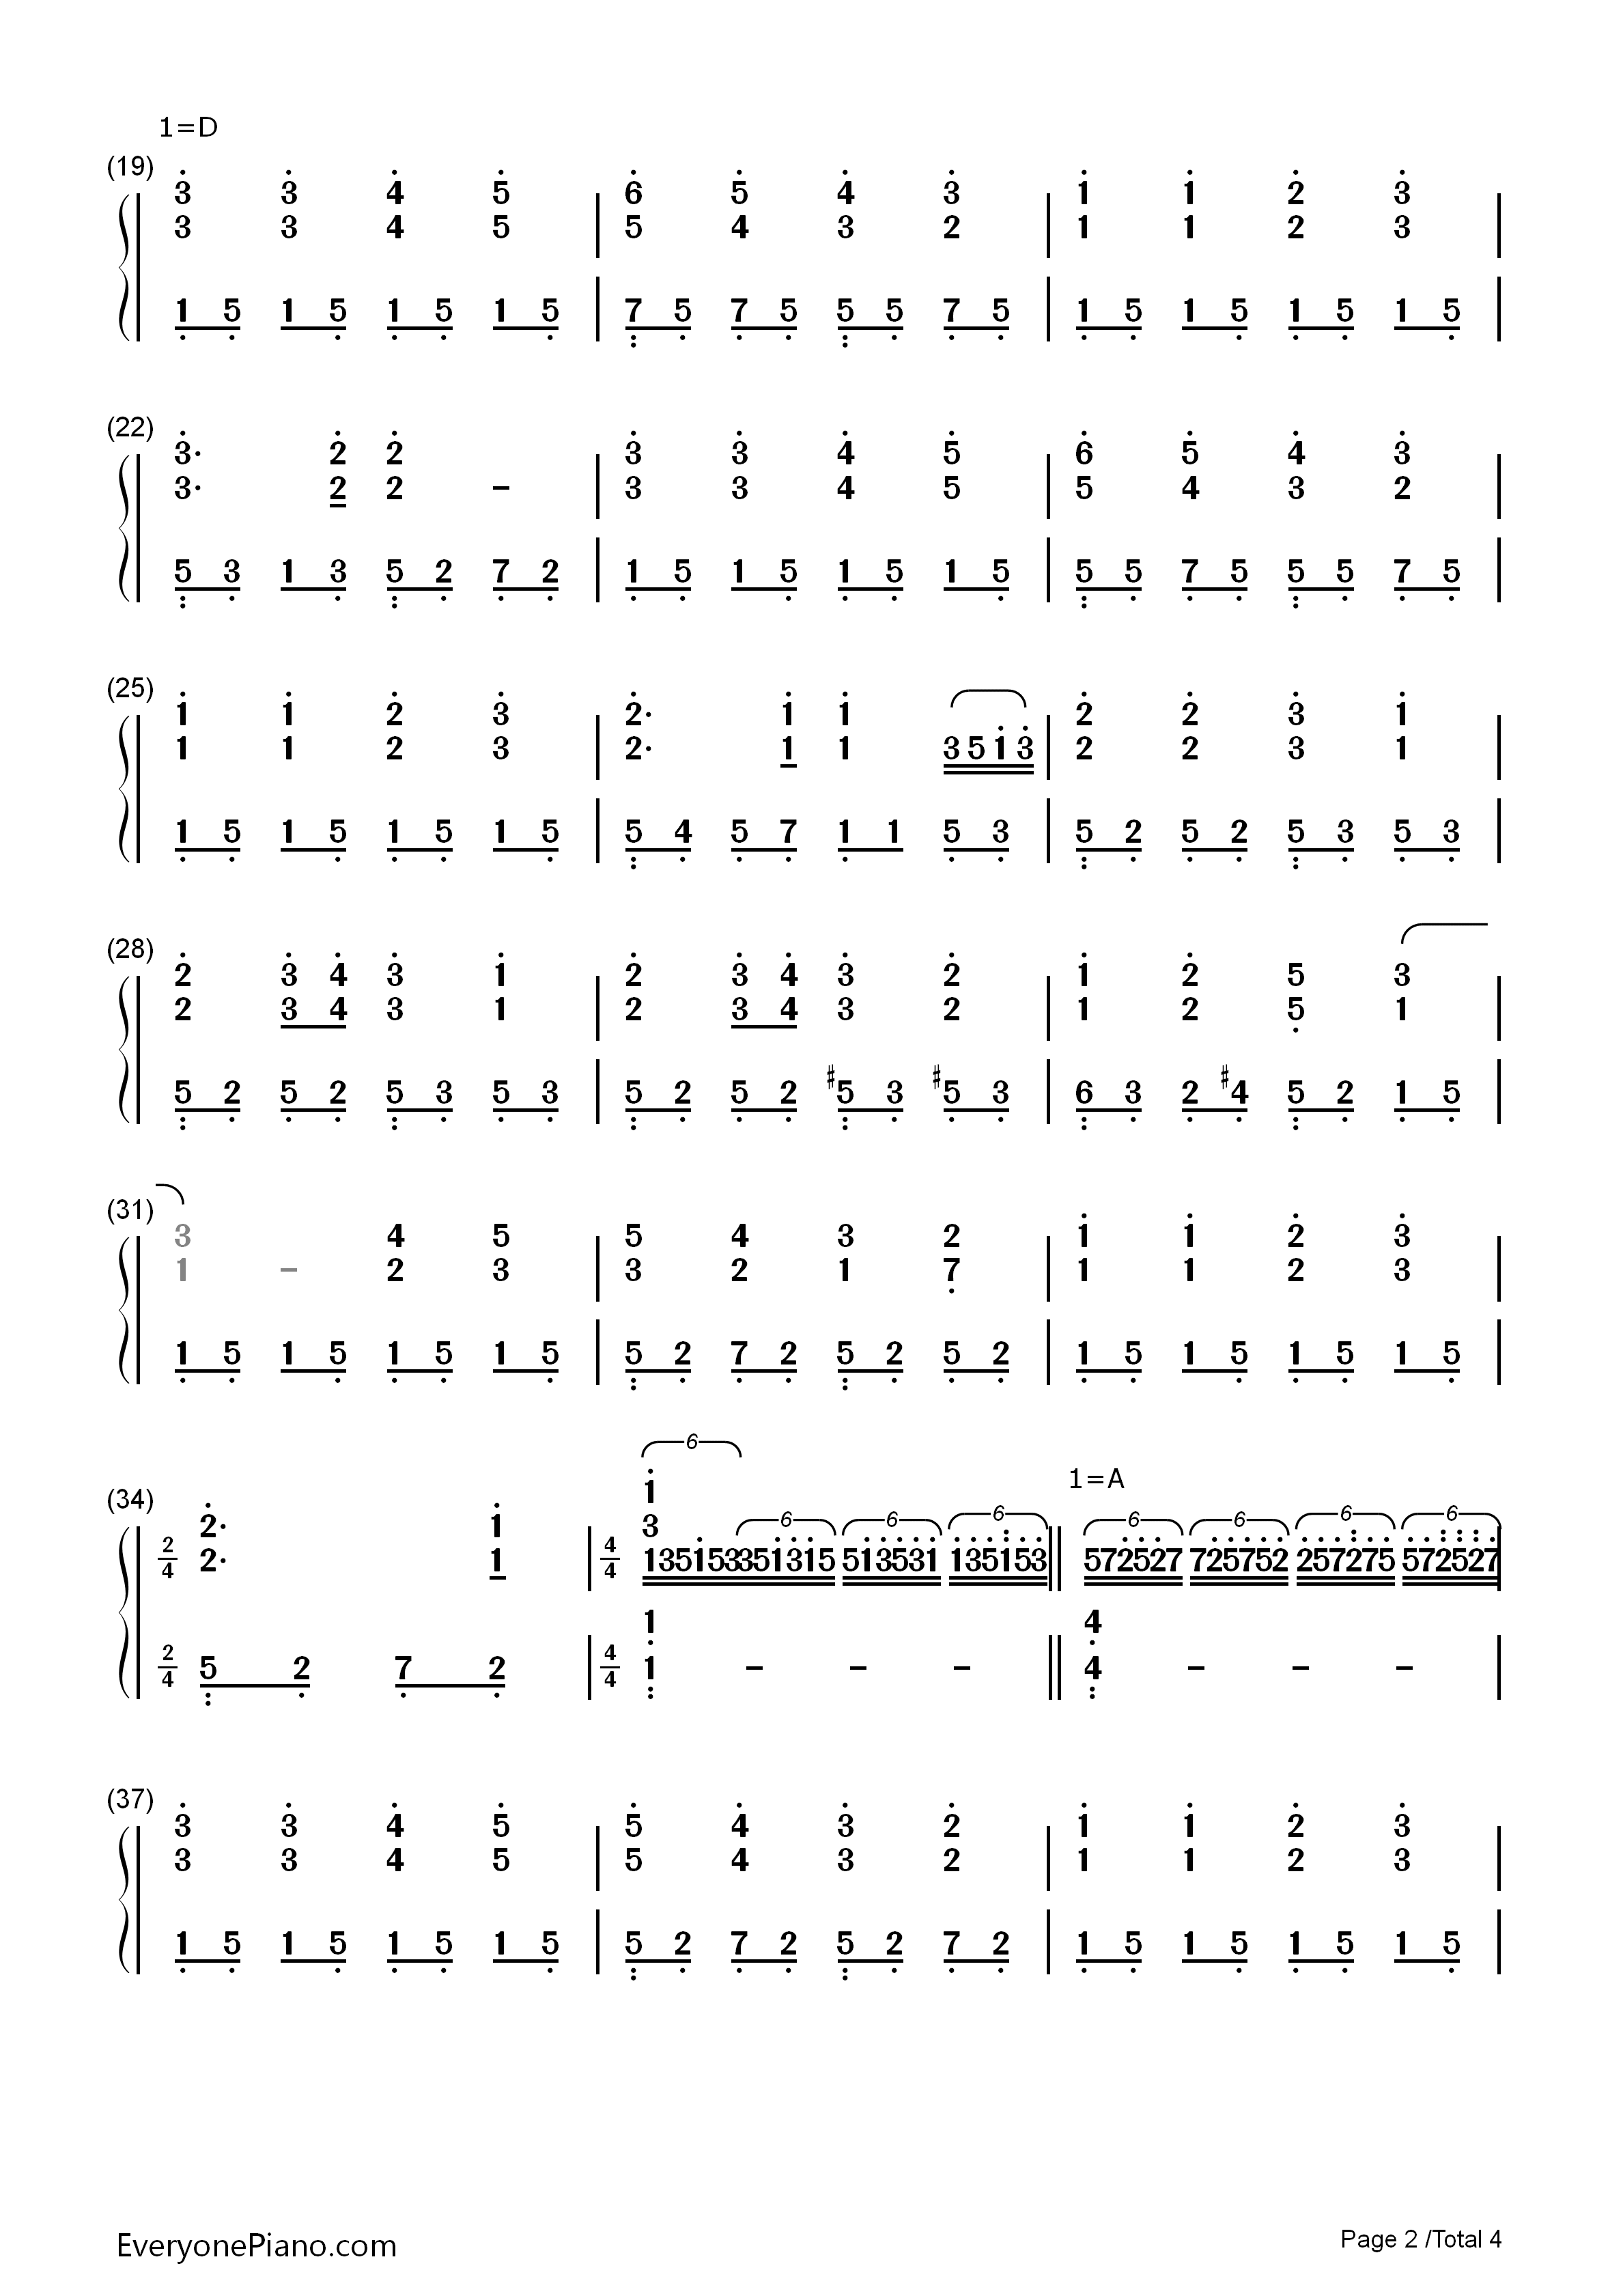 钢琴曲谱 经典 欢乐颂-完整版 欢乐颂-完整版双手简谱预览2  亲,在你